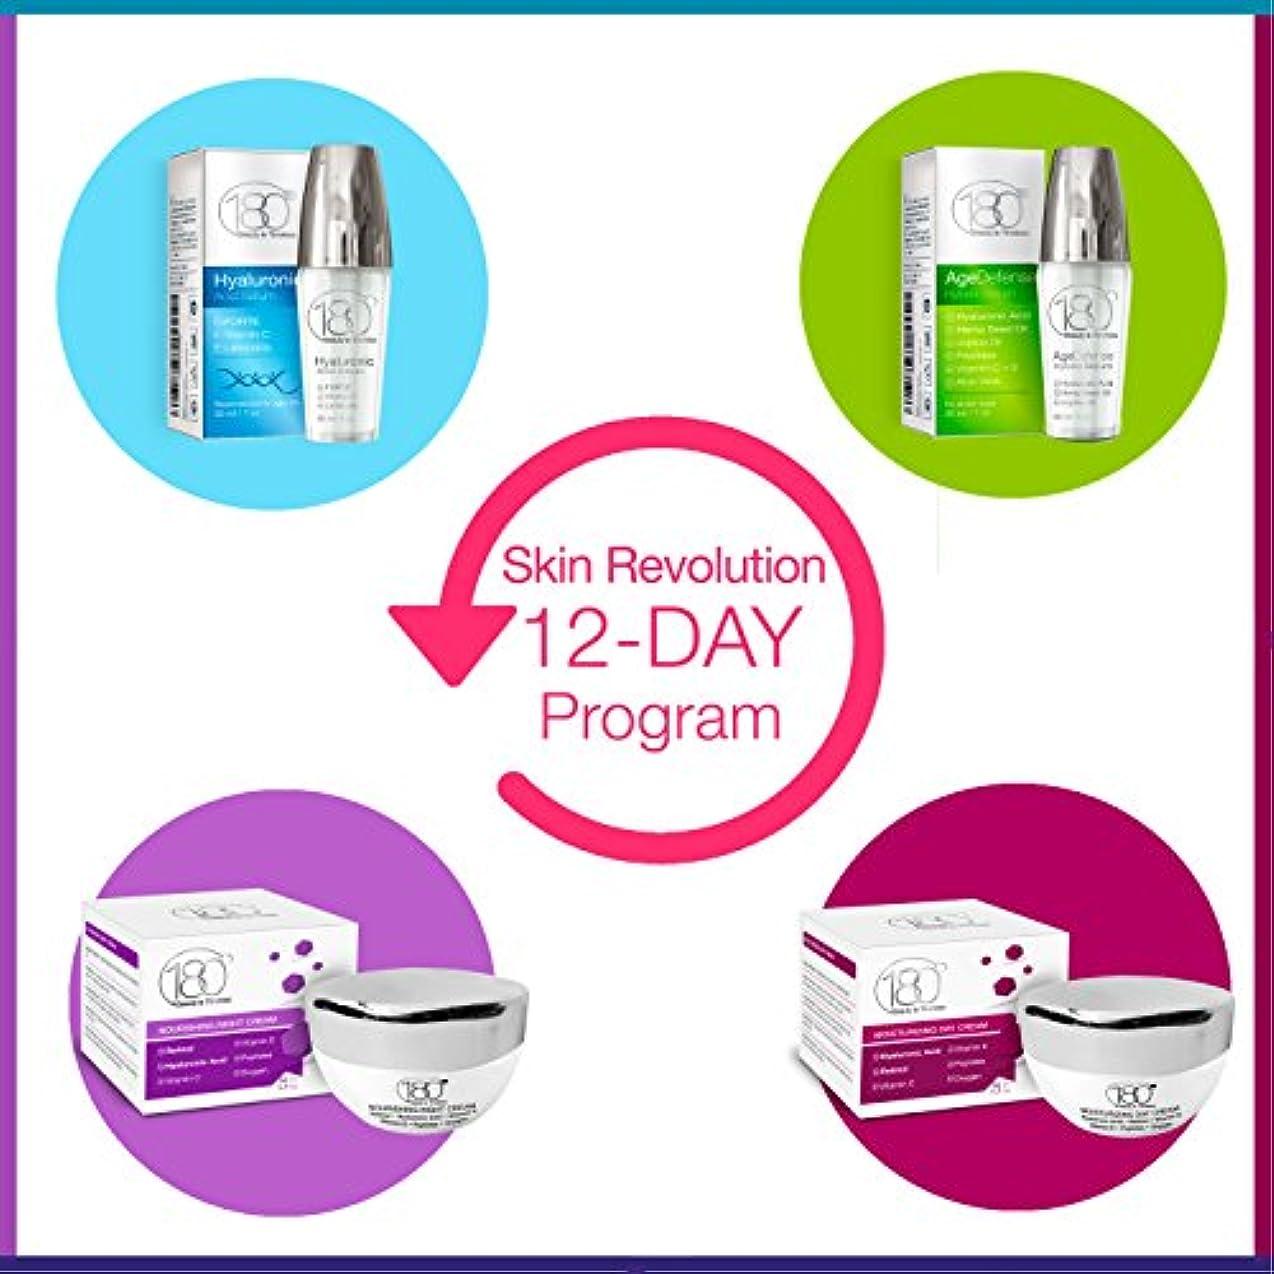 肉認可学期180 Cosmetics 12日間の美容パッケージ最大の水分 - スキンレボリューションプログラム - あなたが夢見ている結果を得る - 55歳以上のドライまたは非常に乾燥したスキン - ハイブリッドセラムデイナイトクリーム